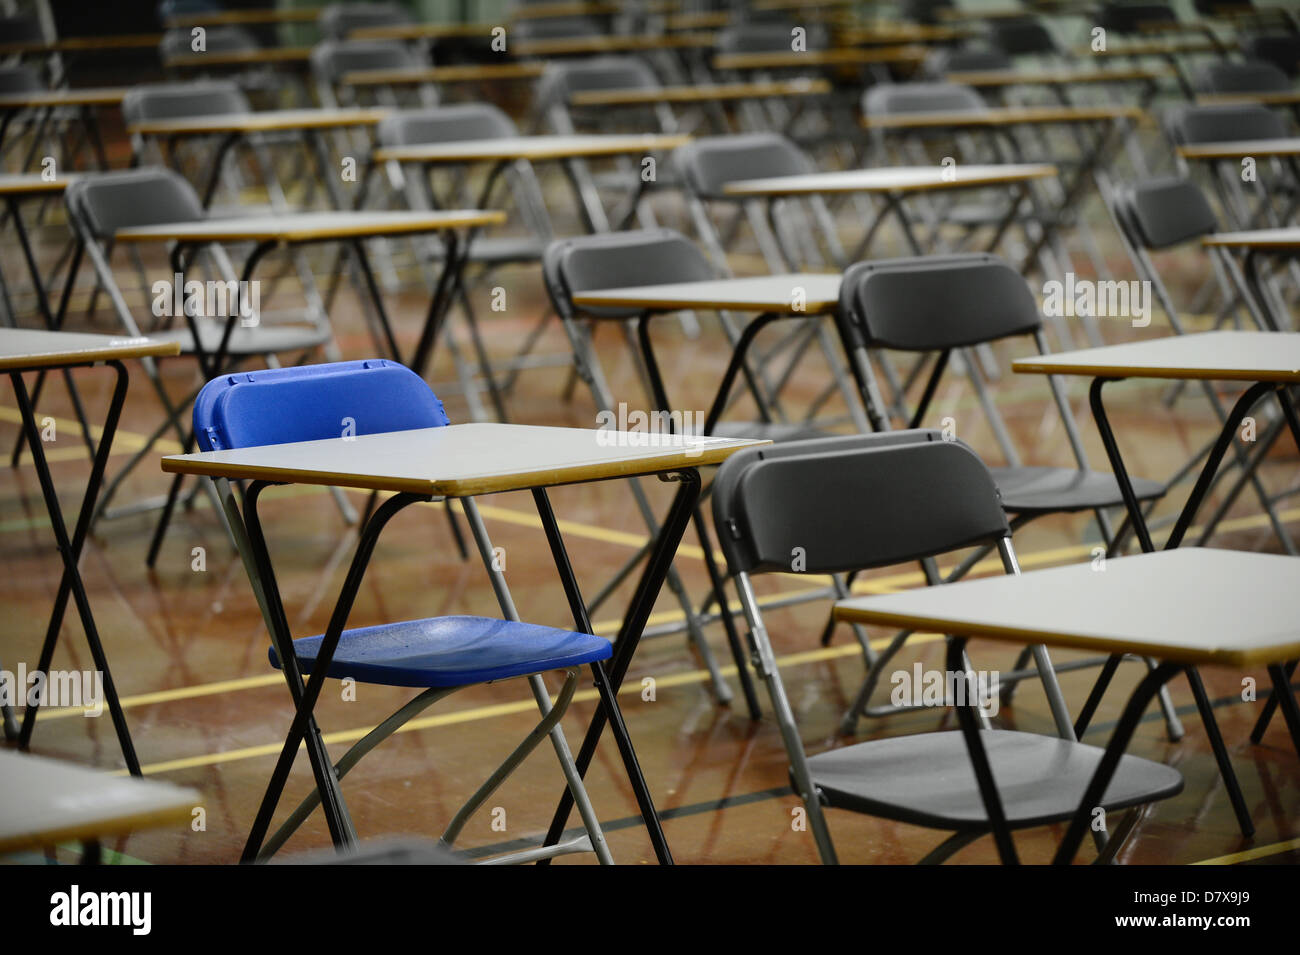 Escritorios establecidos en una sala escolar en preparación para el examen tablas vacías Foto de stock